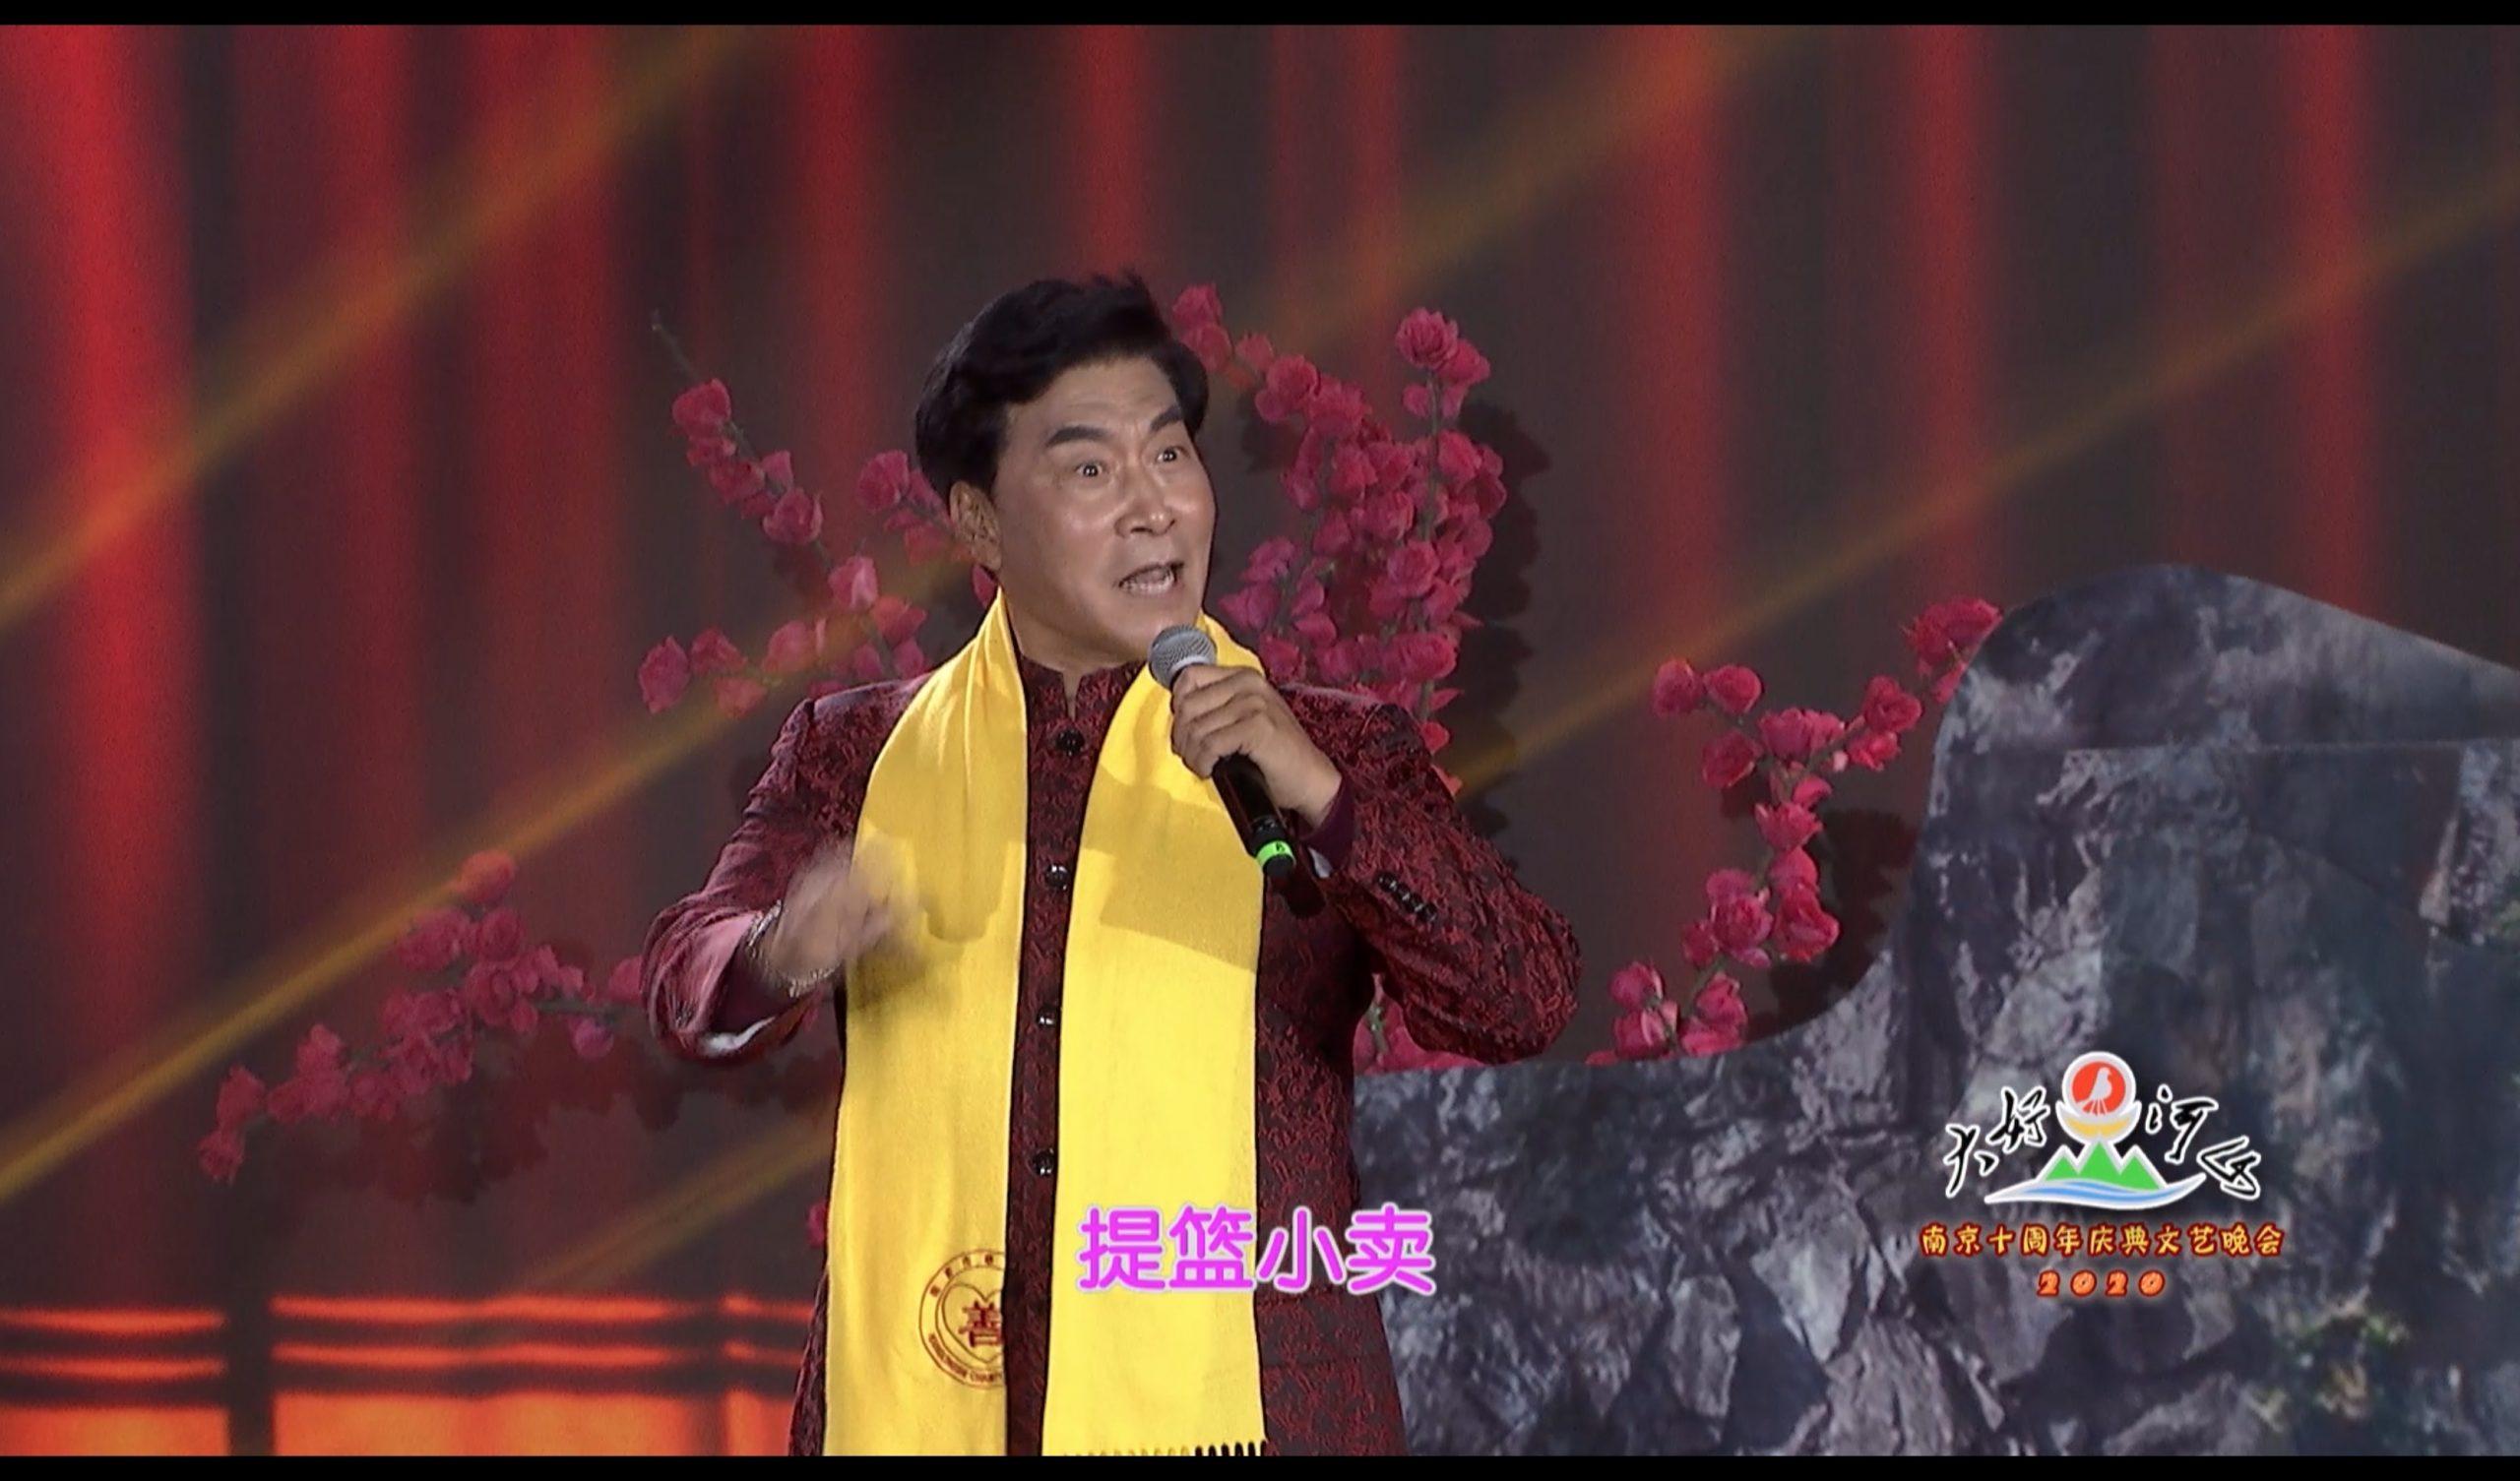 2020大好河山南京十周年庆典公益晚会 京剧《红灯记》选段 朱宝光